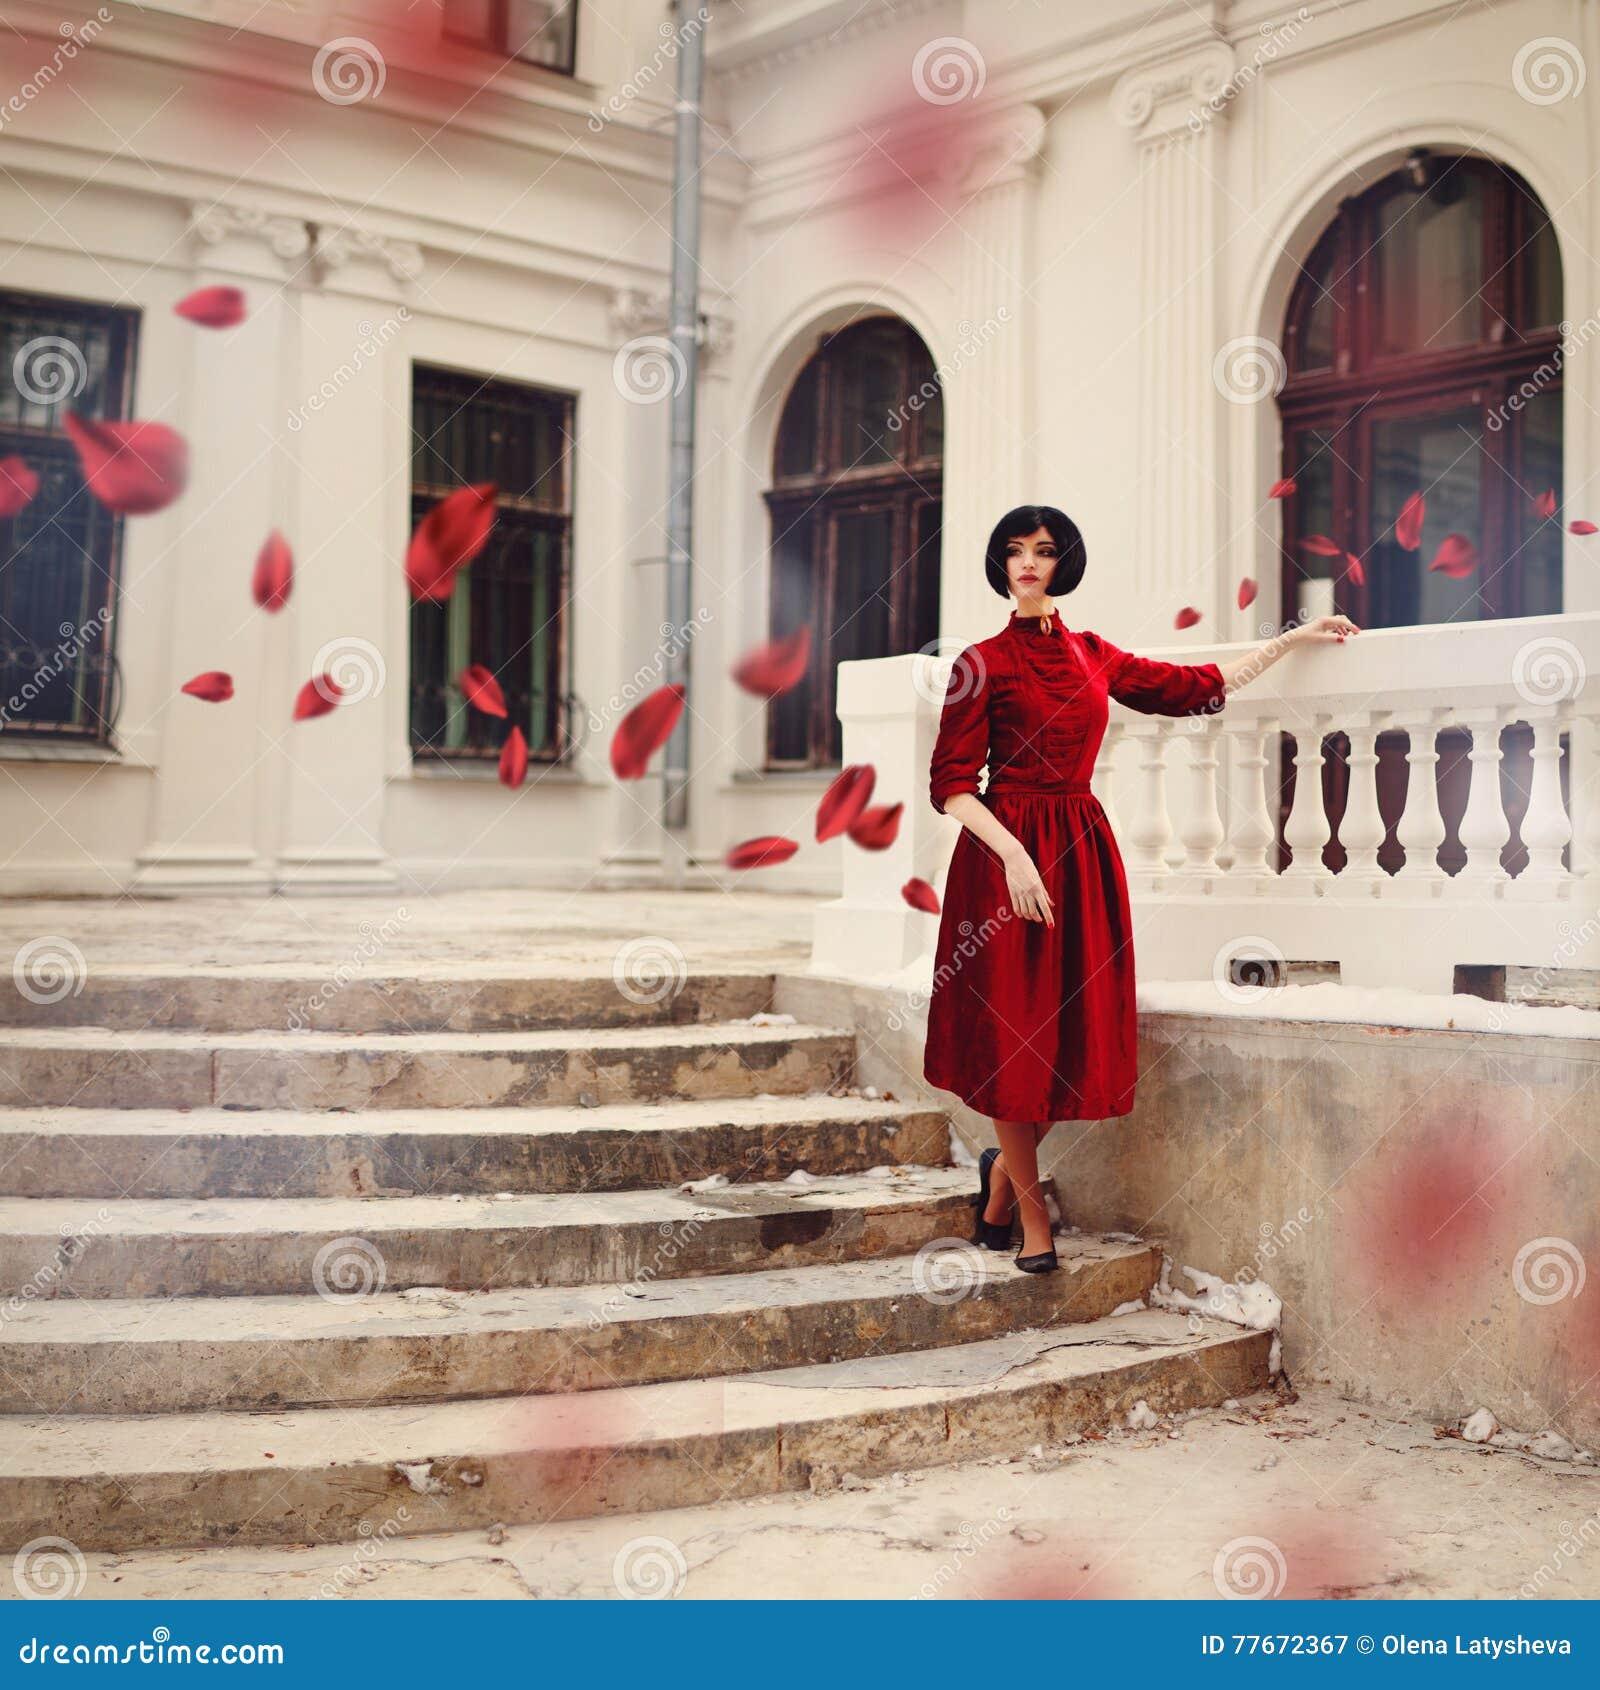 Schone Brunettefrau Die Das Rote Kleid Stehend Auf Treppe Tragt Stockbild Bild Von Rote Stehend 77672367